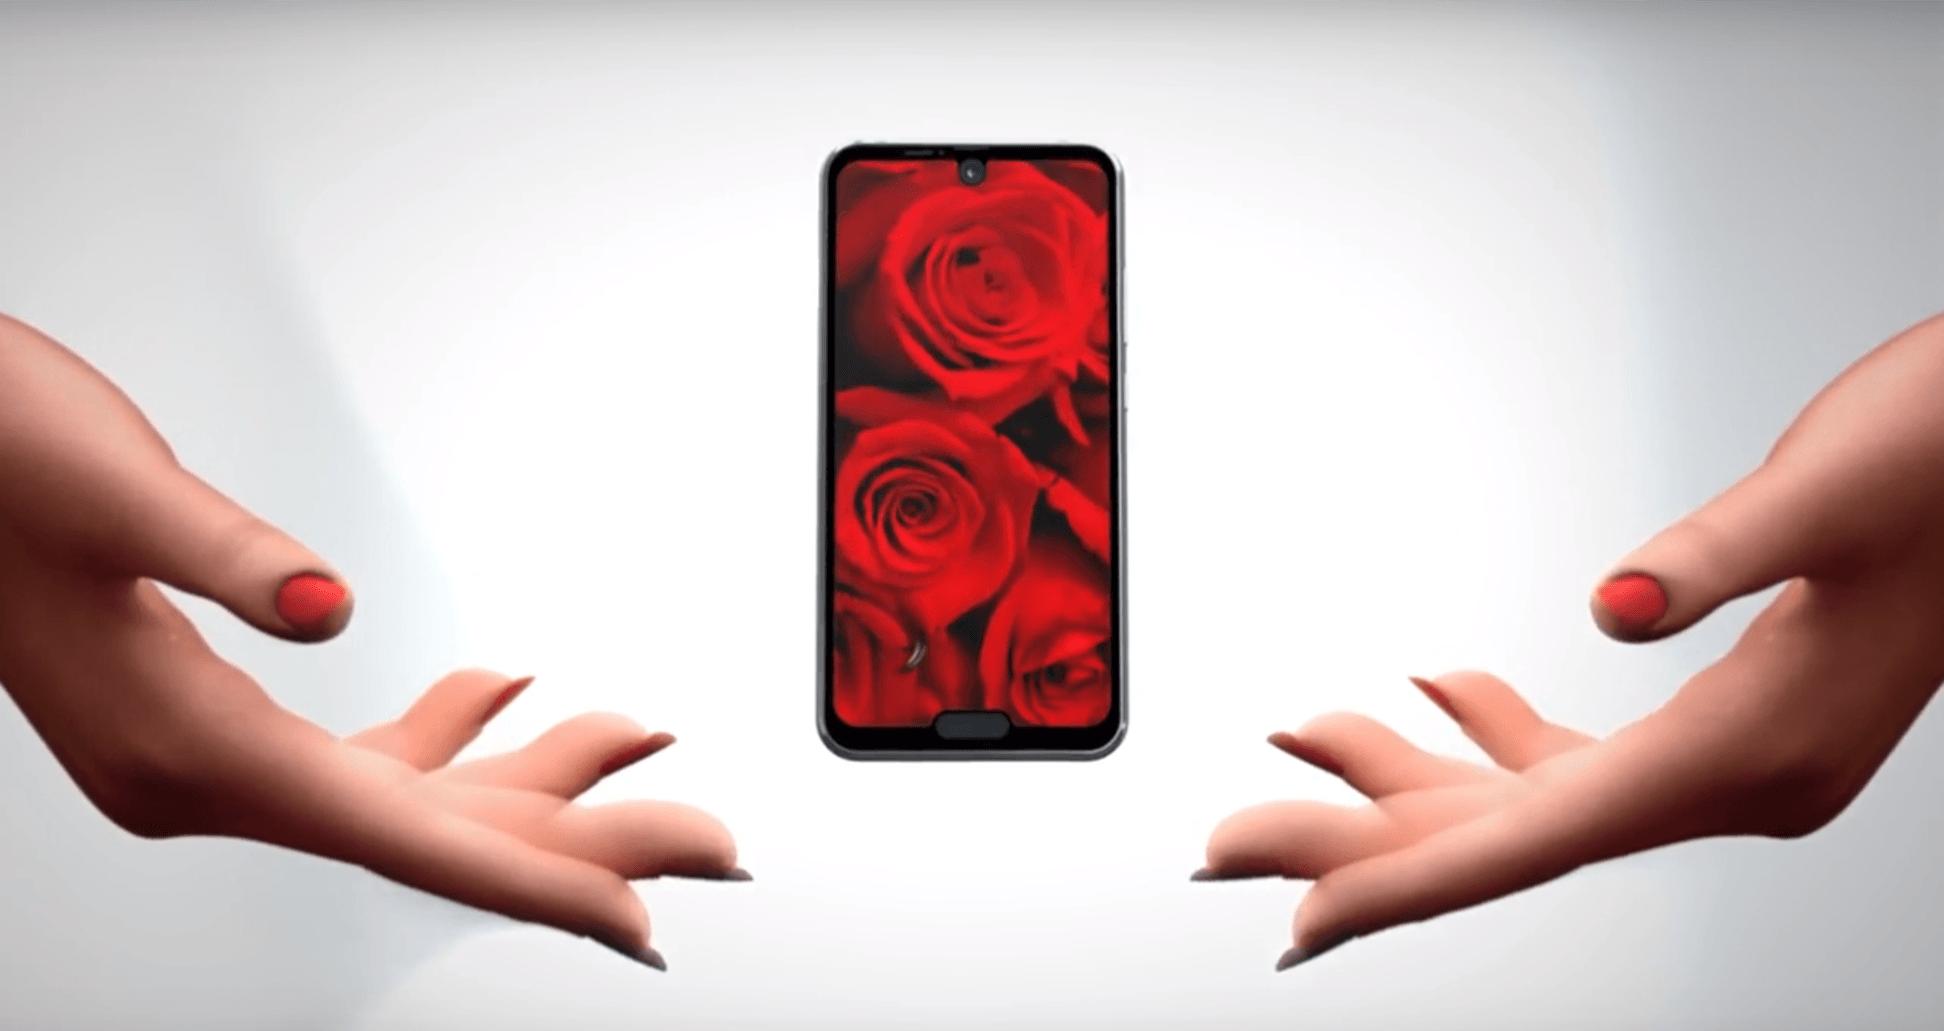 O jeden notch za daleko. Sharp prezentuje smartfon Aquos R2 Compact z dwoma wycięciami w ekranie 24